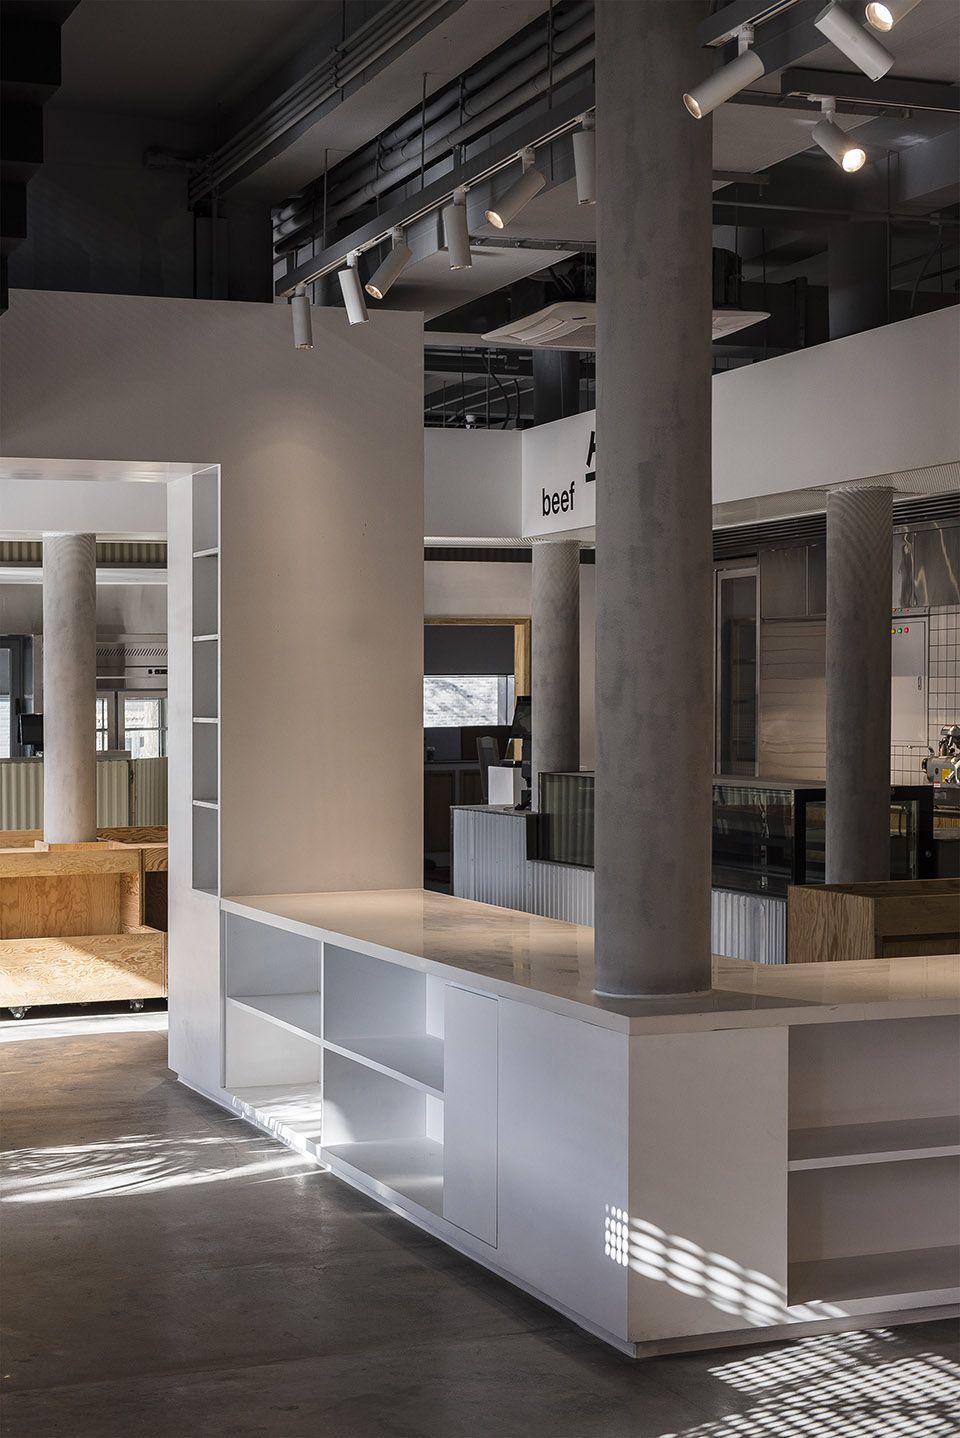 前门老街区的一部清亮短篇,北京微风市集   未来以北工作室 未来以北工作室 - 10